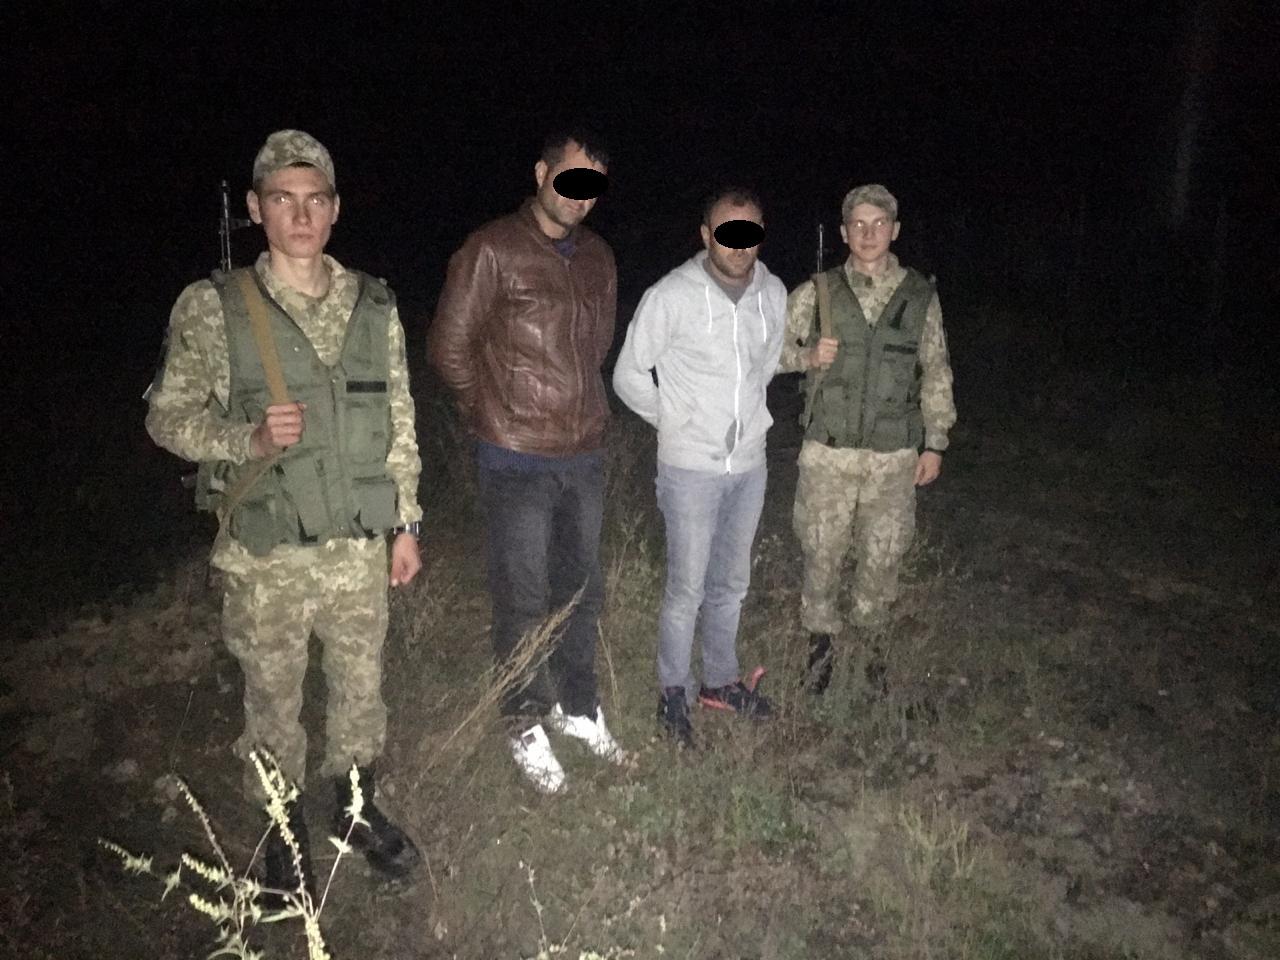 Затримано чоловіків, які намагалися незаконним шляхом потрапити в Європу